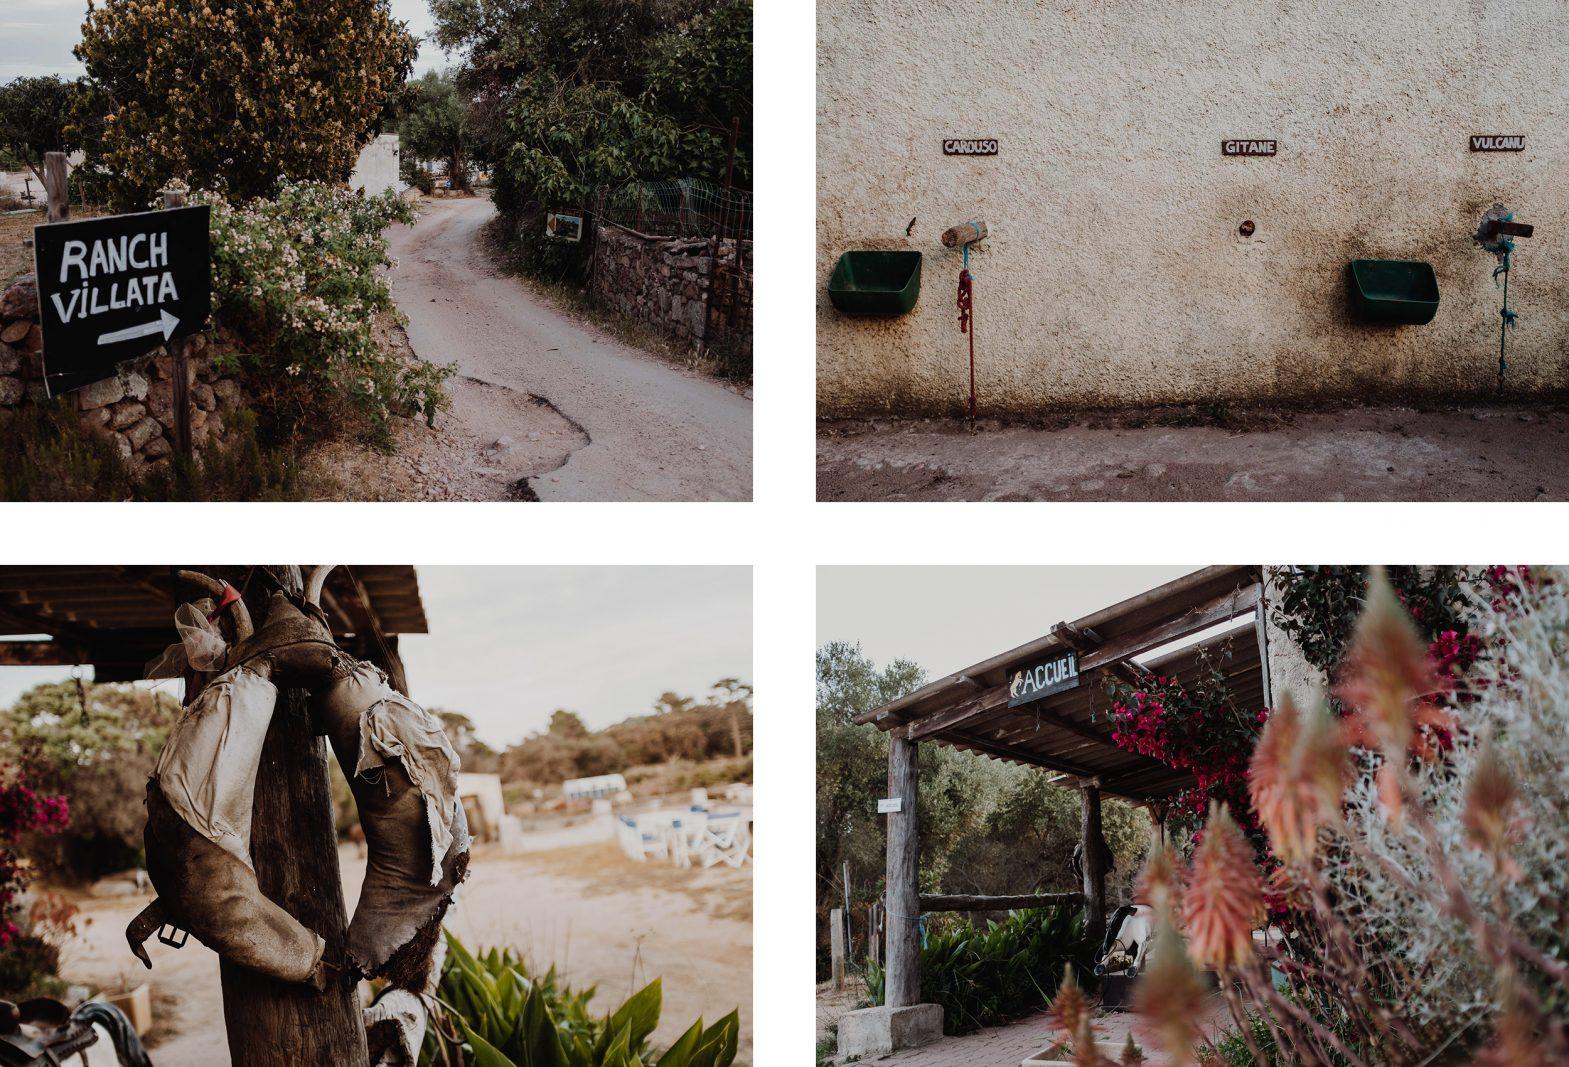 Promenade à cheval en Corse, ranch Villata, Porto-Vecchio. L'oeil de Noémie photographe voyageuse en Corse.